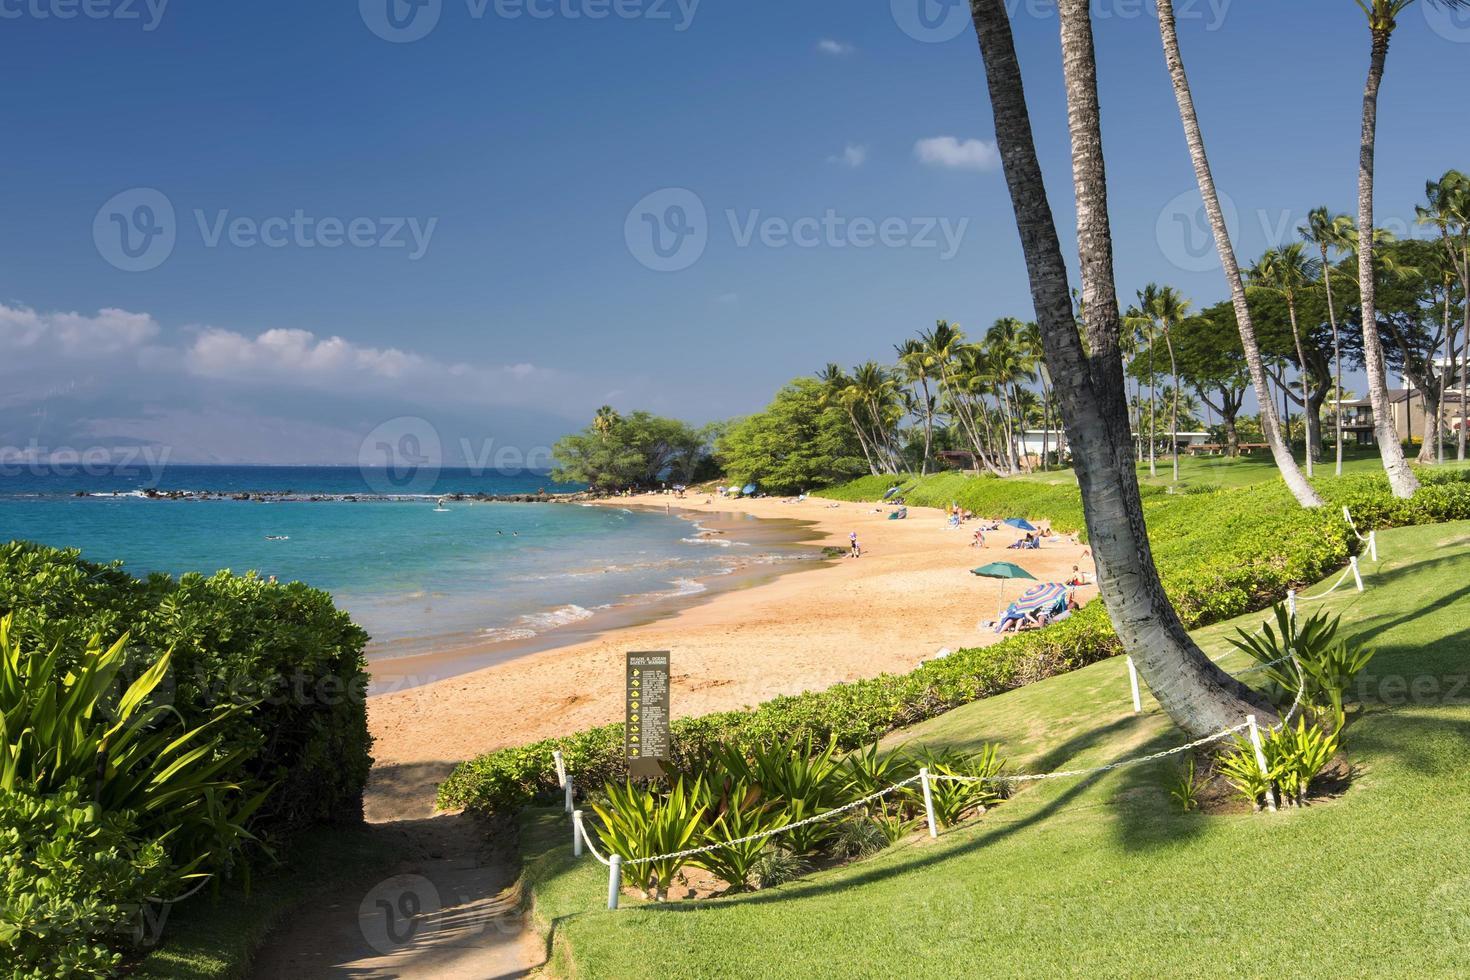 lungomare lungo la spiaggia di ulua, costa sud di maui, hawaii foto